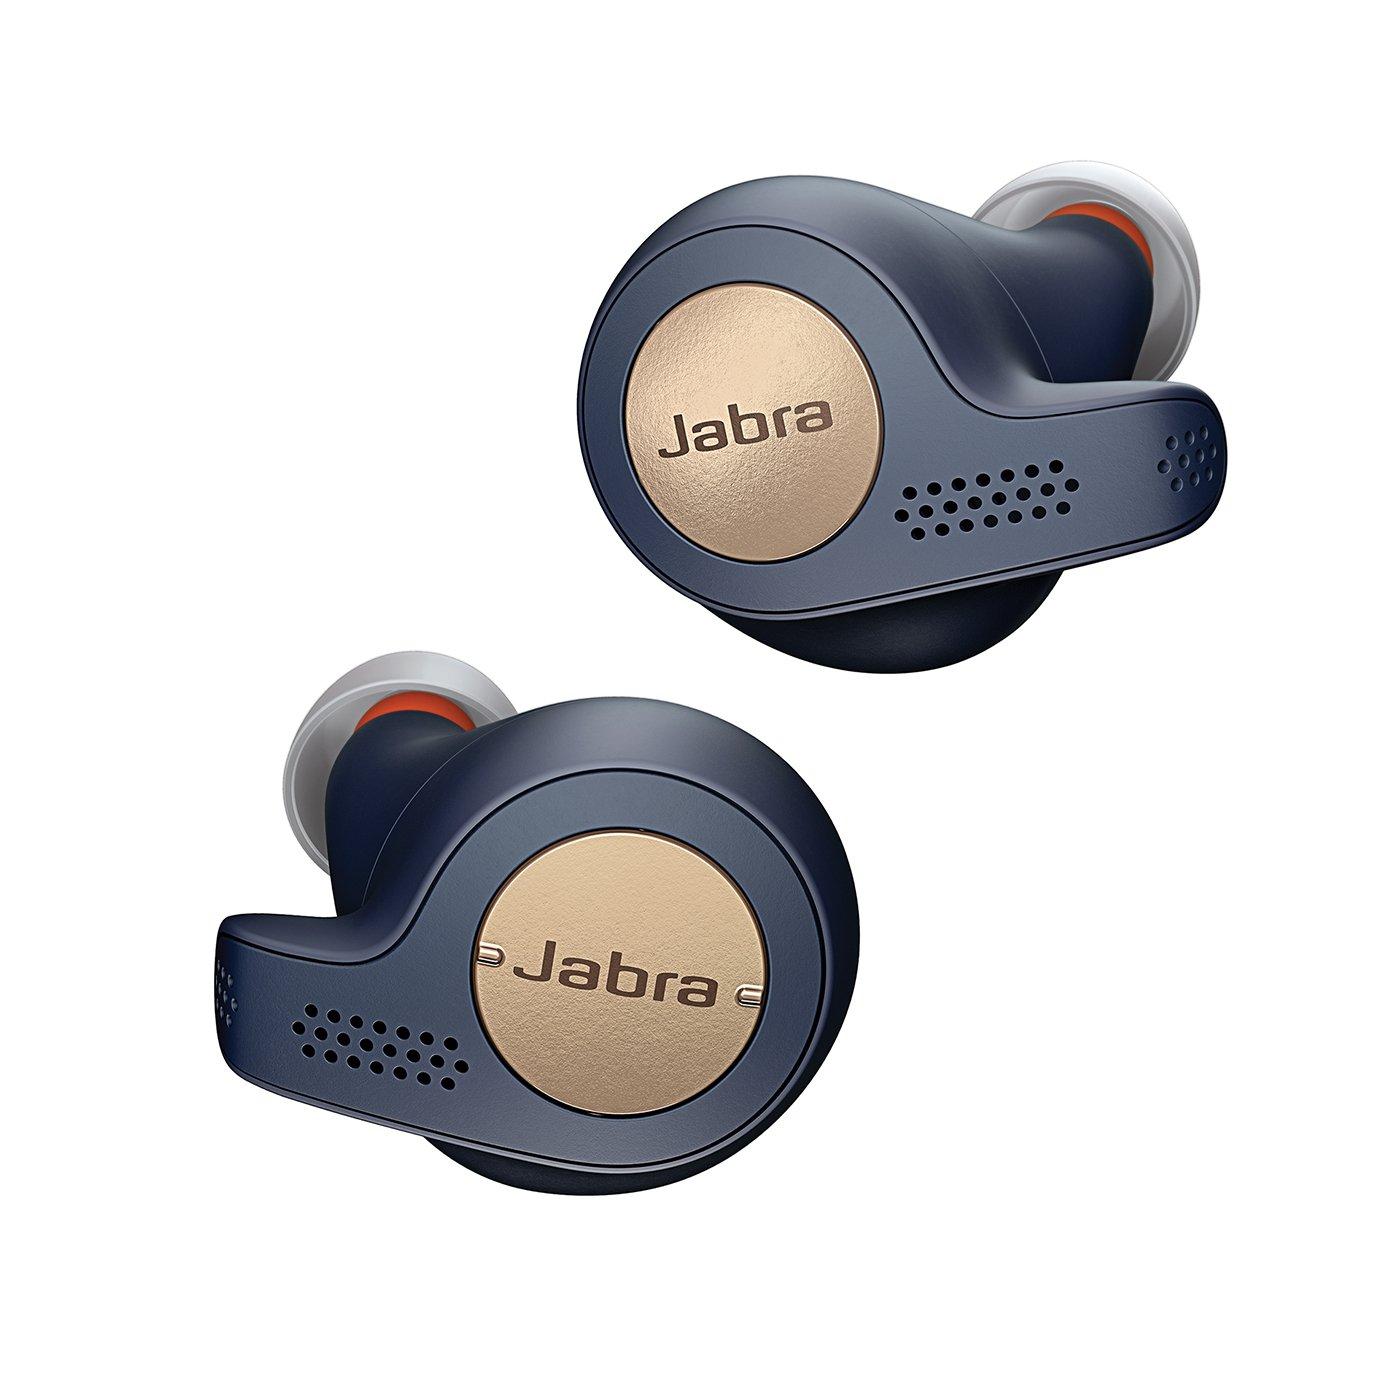 Jabra Elite Active 65t auriculares estéreo totalmente inalámbricos con Bluetooth® 5.0 y Alexa integrada, para deporte, azul y cobre